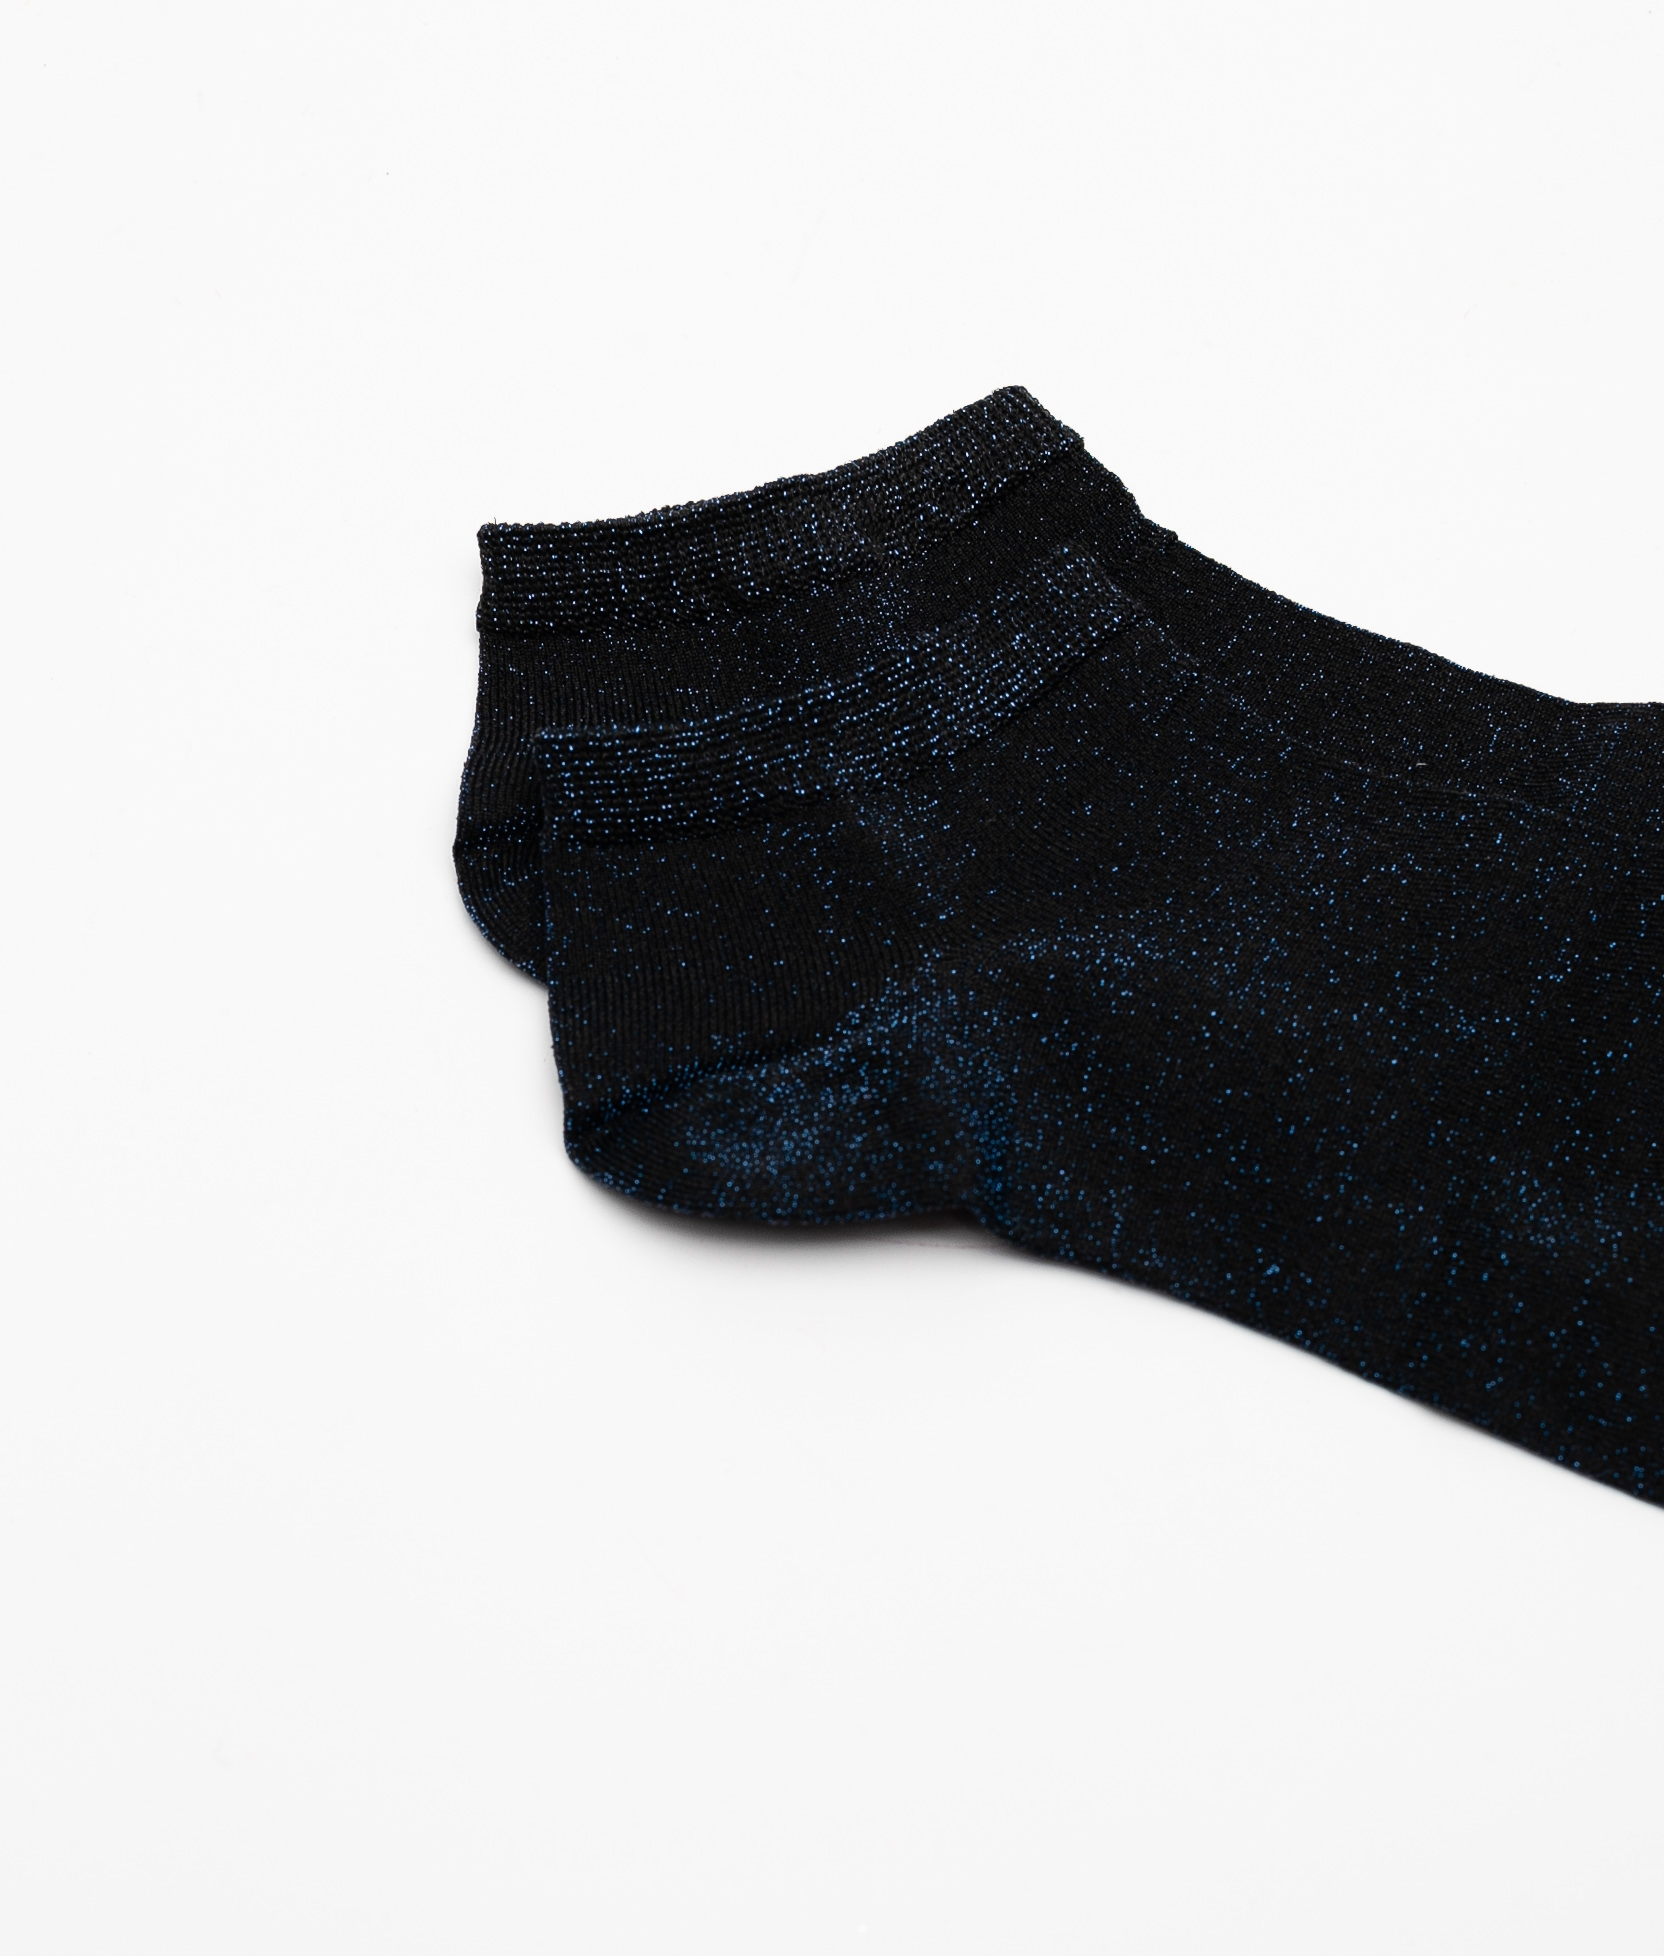 SOCK WINPLE - DARK BLUE